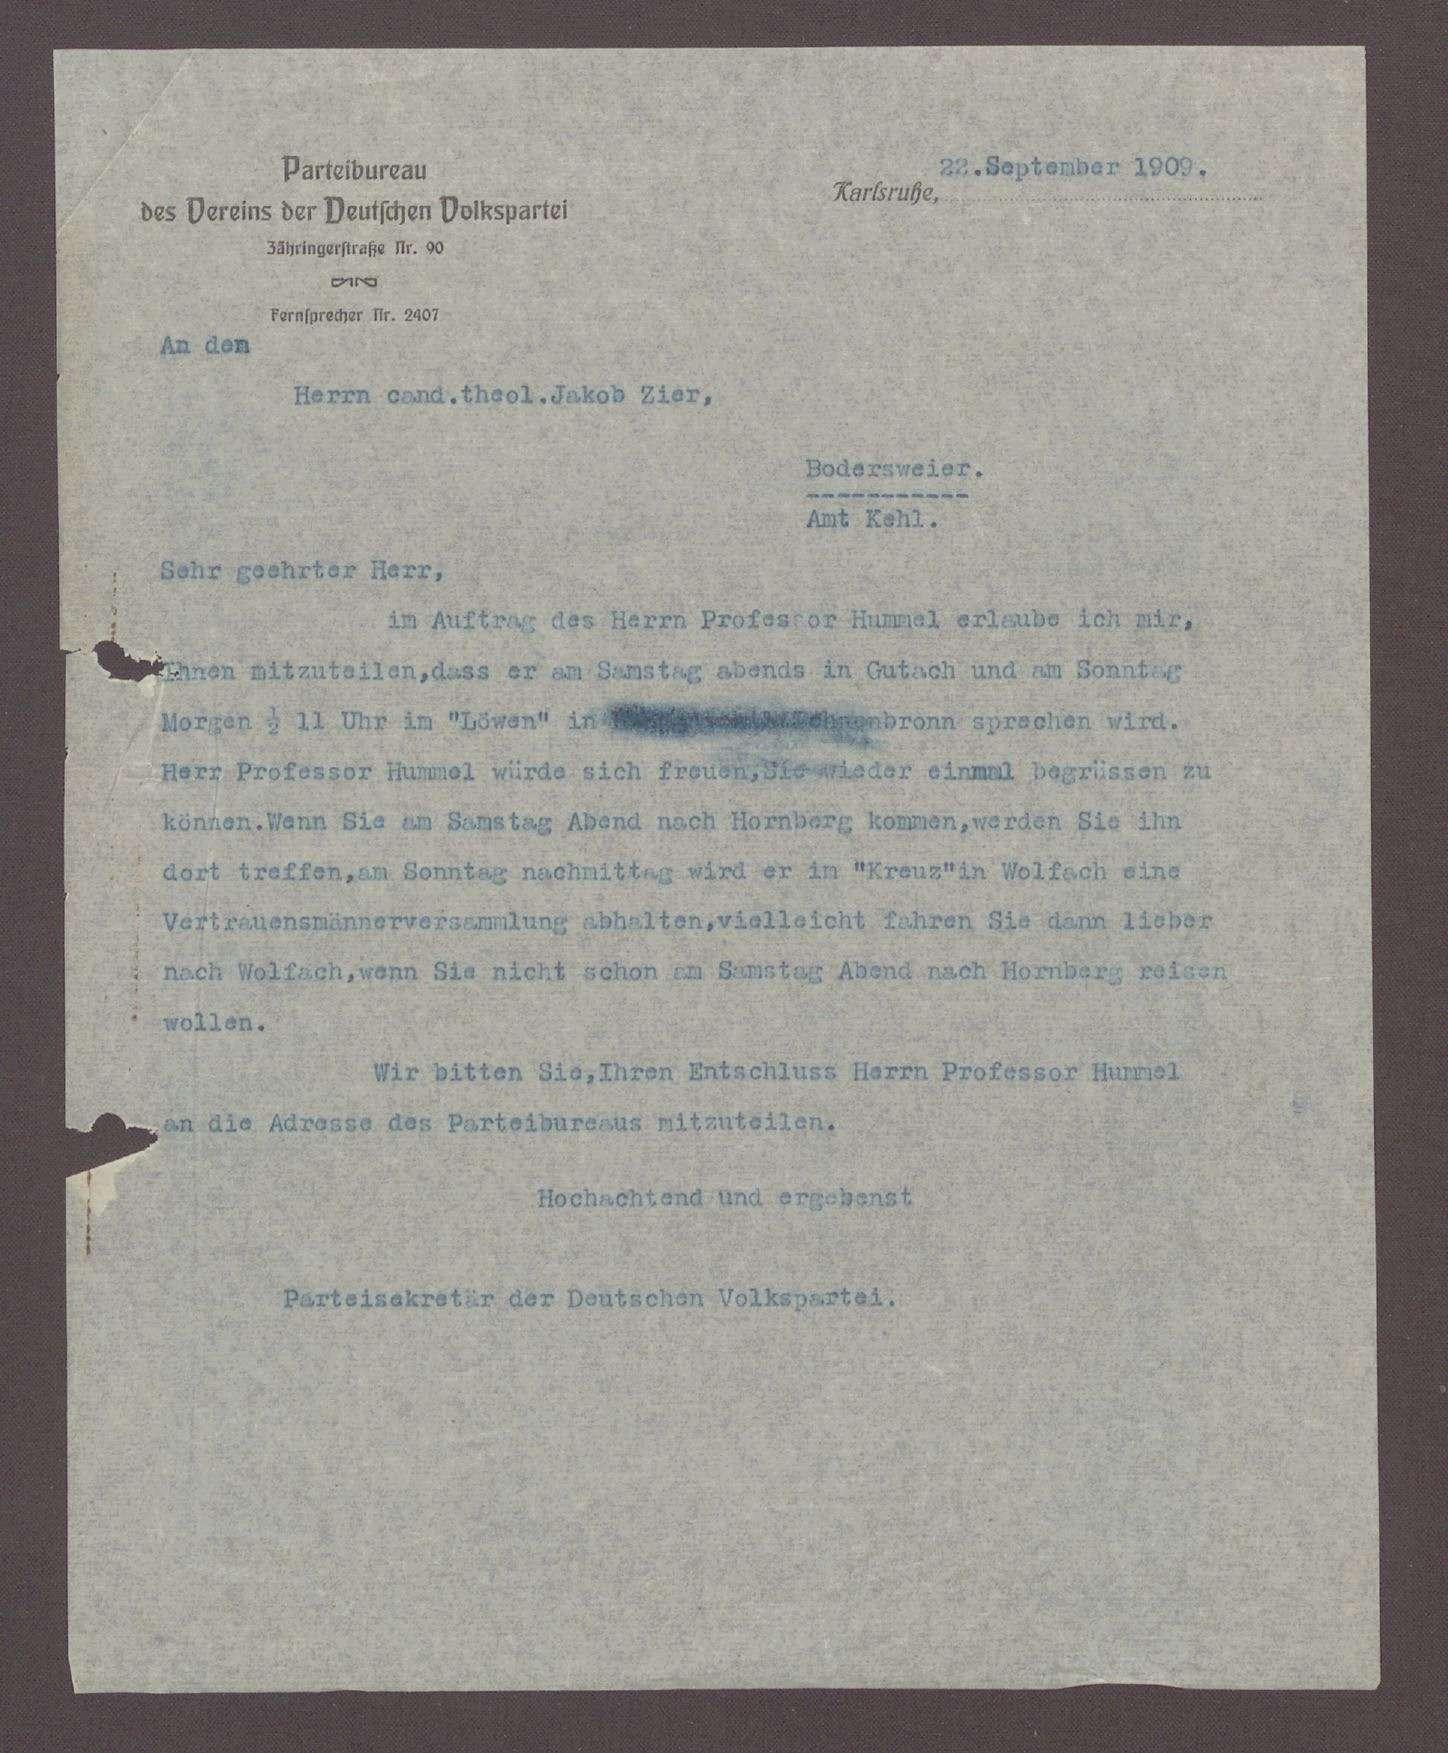 Schreiben von dem Parteisekretär der DVP, Otto Ernst Sutter, an Jakob Zier, Bodersweier: Einladung zu einer Veranstaltung mit Hermann Hummel in Hornberg und Wolfach, 1 Schreiben, Bild 1